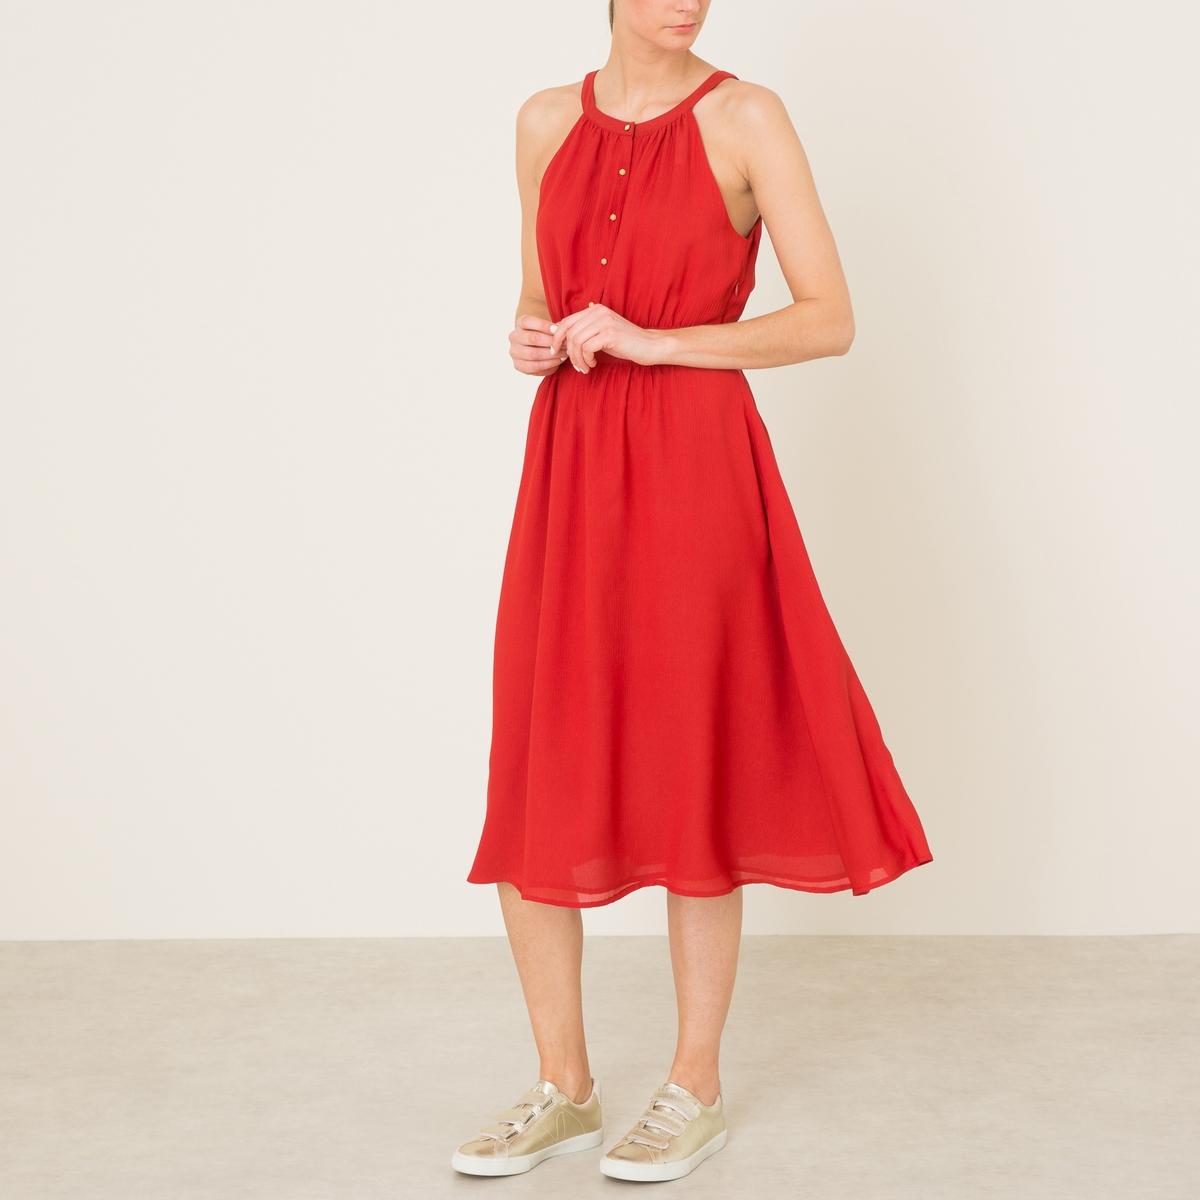 Платье длинное TEHUACANПлатье длинное SESSUN - модель TEHUACAN из шелка и вискозы . Вырез с колье . Тонкие бретели. Вырез с золотистыми пуговицами . Отрезная деталь по талии. Застежка на скрытую молнию сбоку.Состав и описаниеМатериал : 59% шелка, 41% вискозыПодкладка : 100% полиэстерДлина : ок. 110 см. (для размера 36)Марка : SESSUN<br><br>Цвет: красный